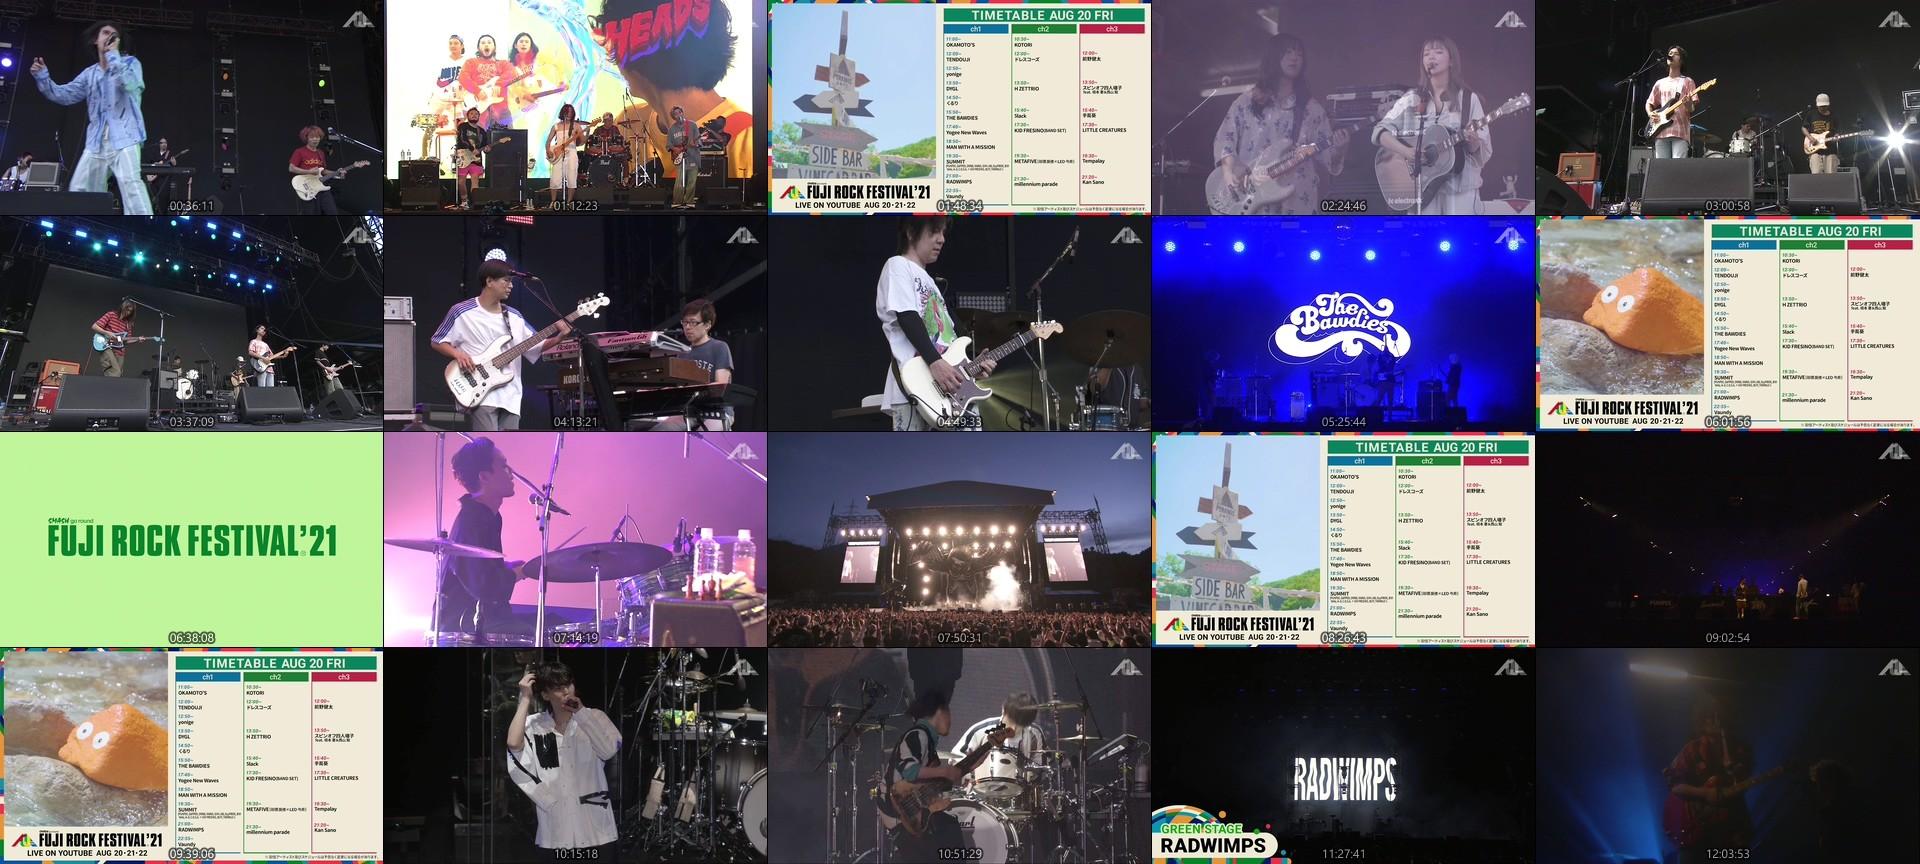 FUJI ROCK FESTIVAL – FUJI ROCK FESTIVAL '21 DAY1 LIVE Channel 1 (YouTube Live 2021.08.20)